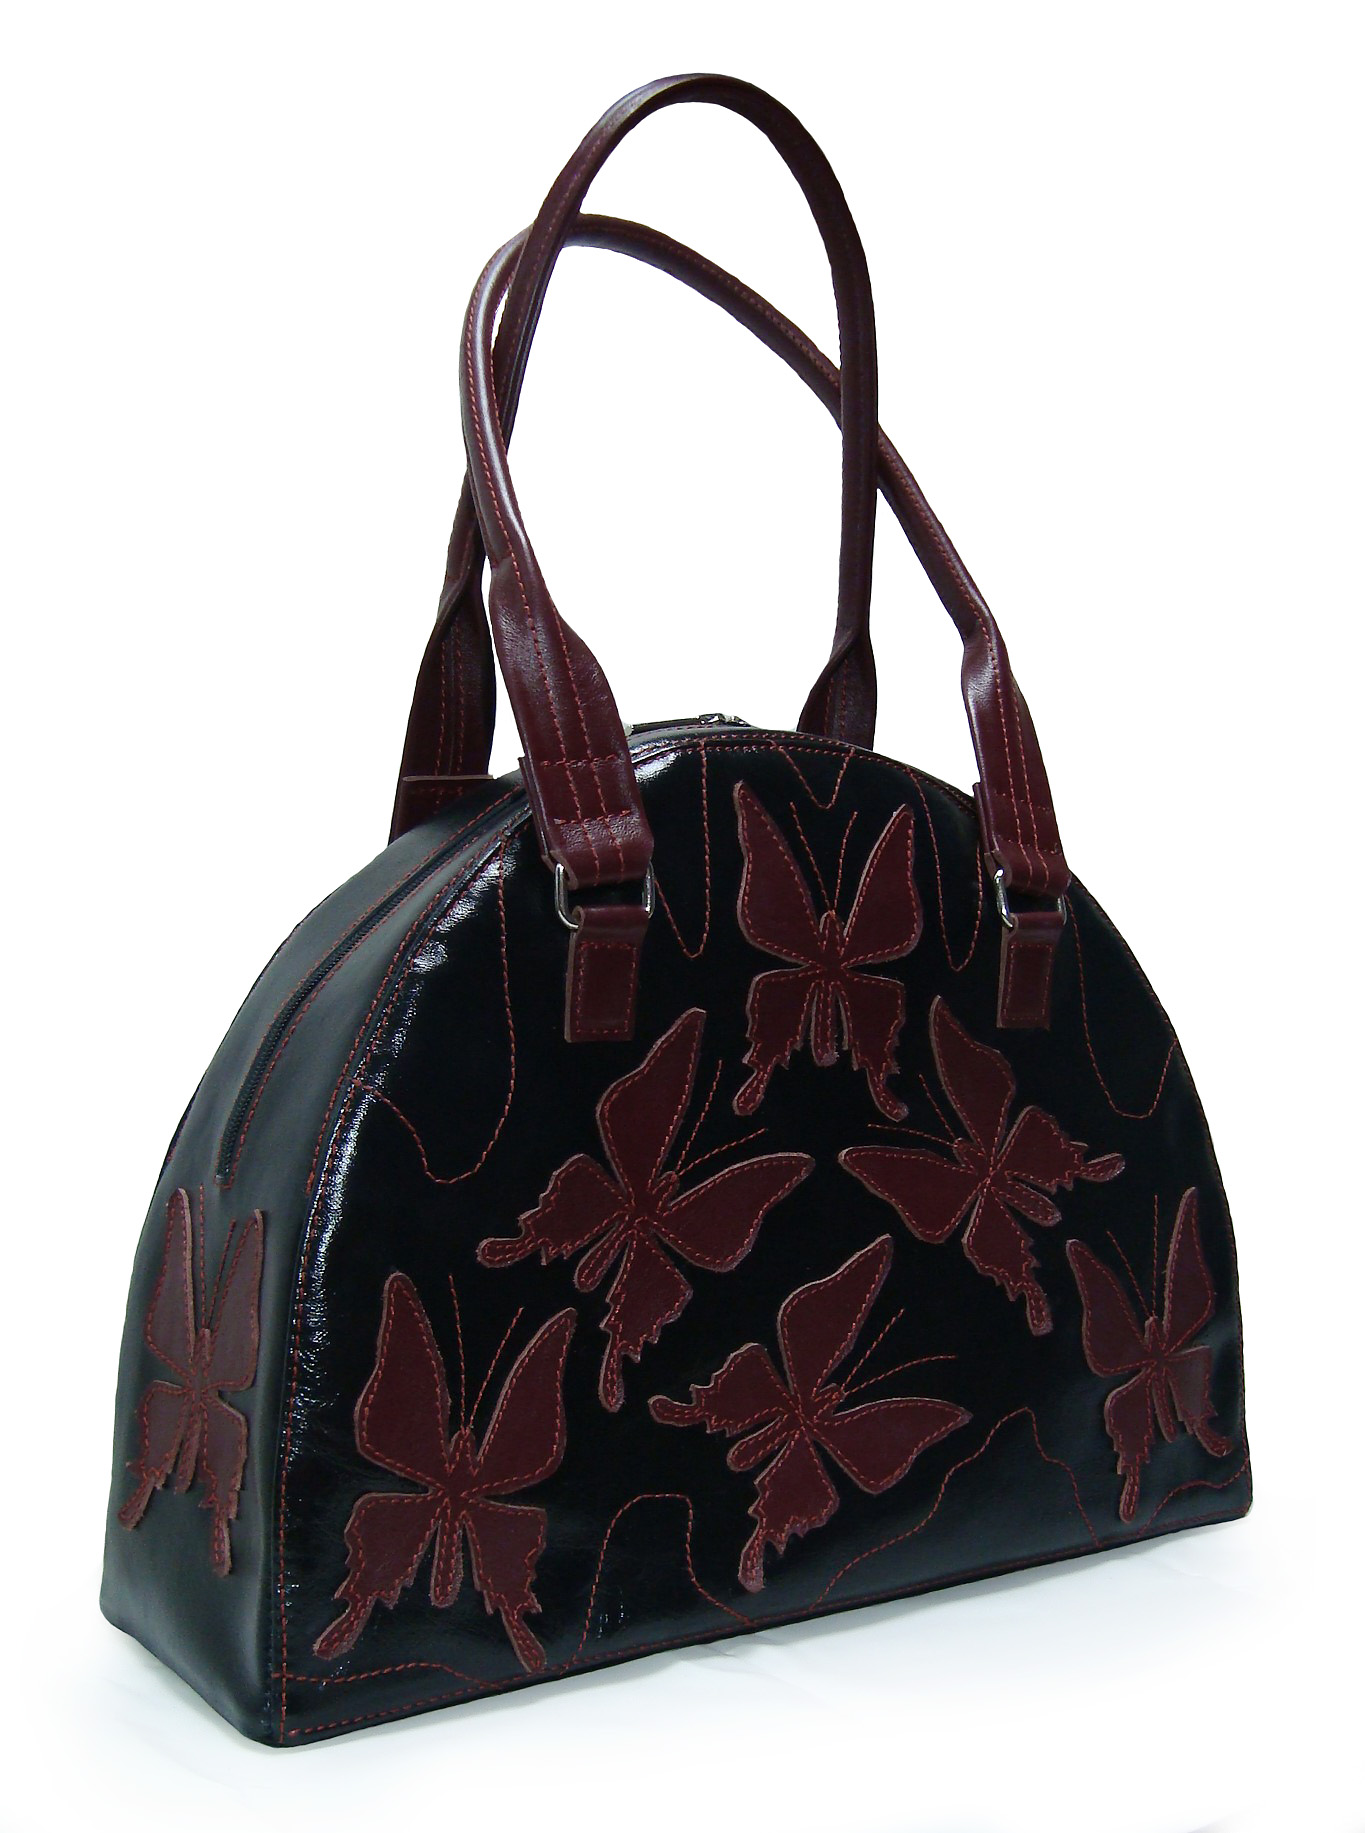 Сумка Модель № 34-3Сумки и др. изделия из кожи<br>Высота сумки:30 см<br>Ширина сумки низ:42 см<br>Ширина дна:14 см<br>Длинна ручек:60 см<br><br>Тип: Сумка<br>Размер: -<br>Материал: Натуральная кожа